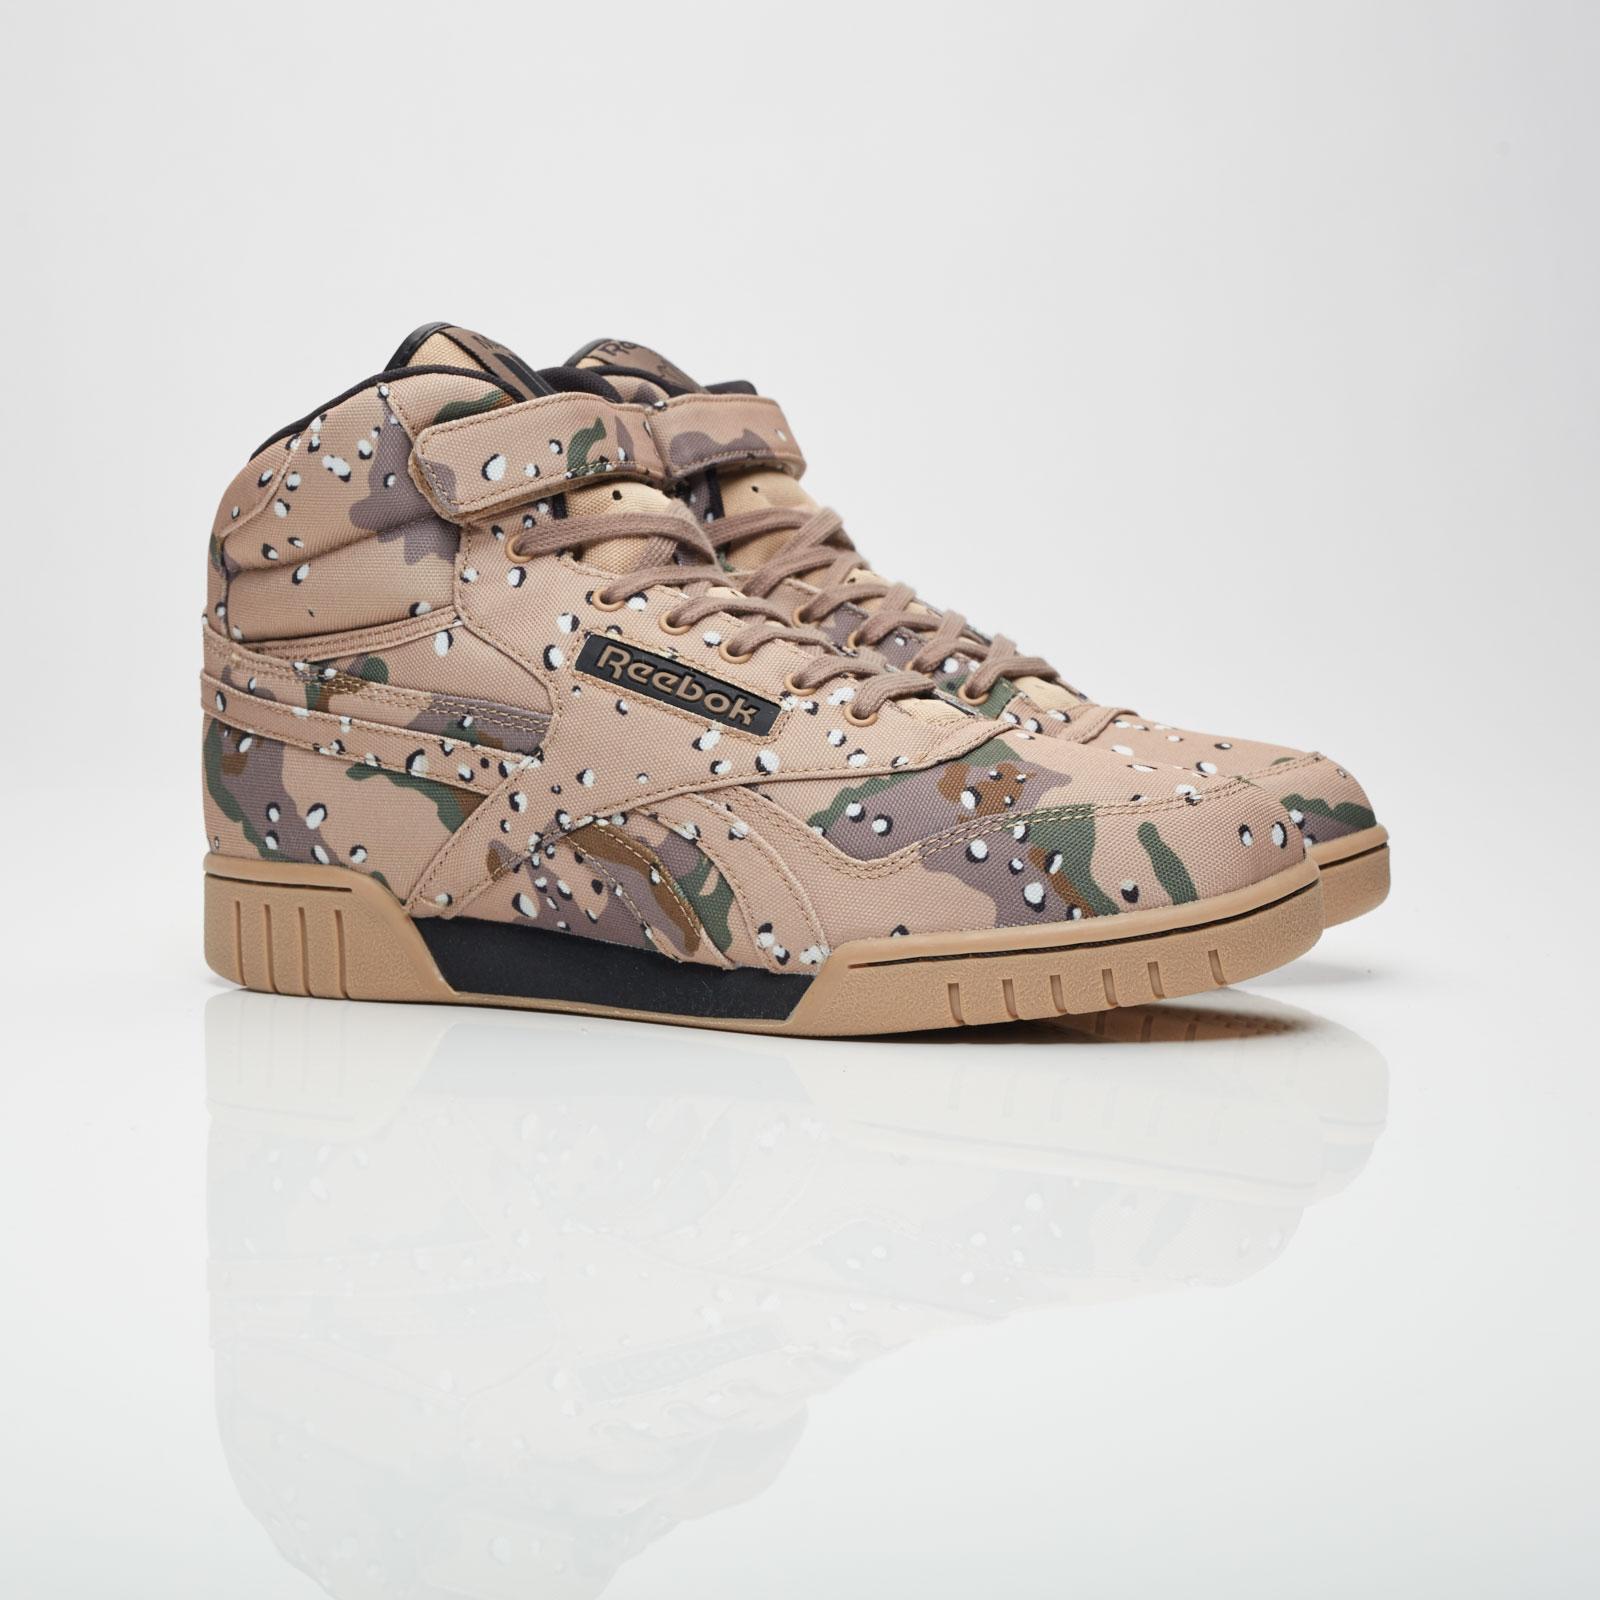 Reebok Major Ex O Fit Hi Bs7311 Sneakersnstuff